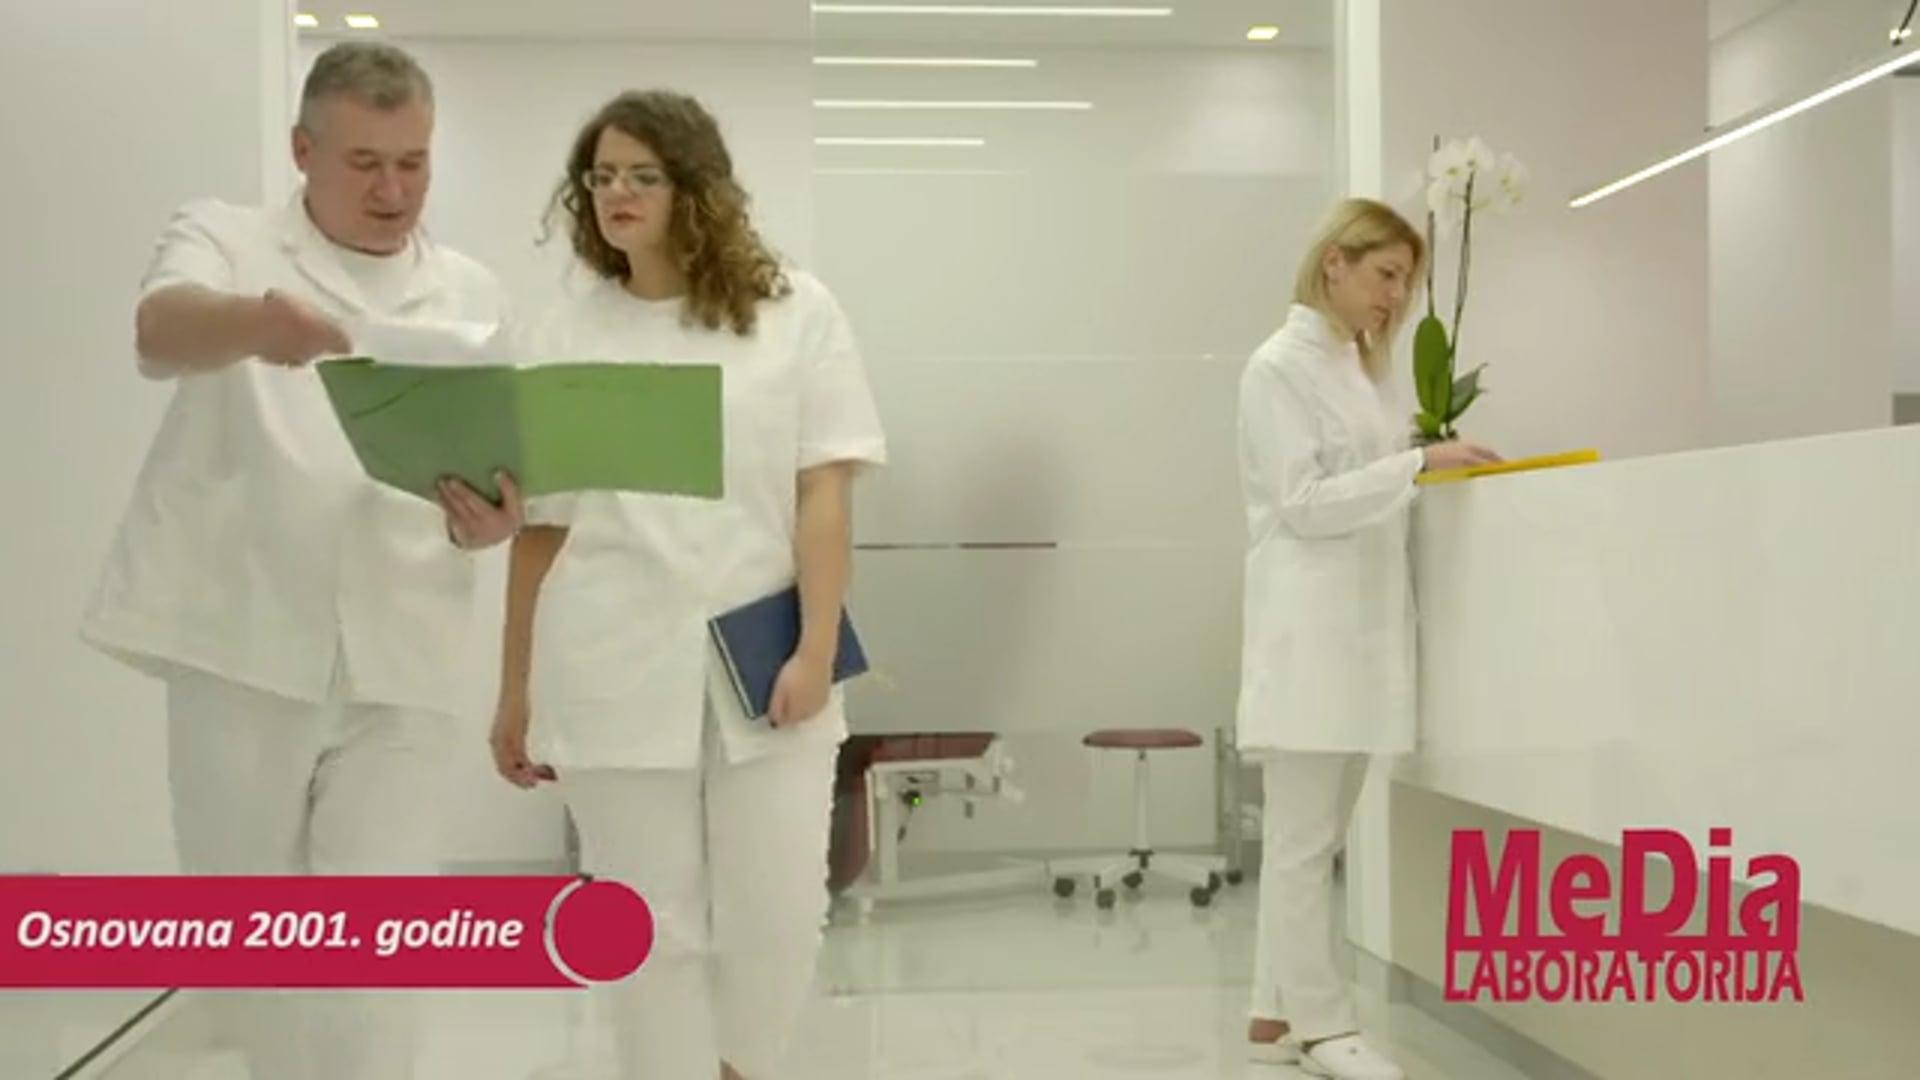 Laboratorija Media Smederevo reklama 2015